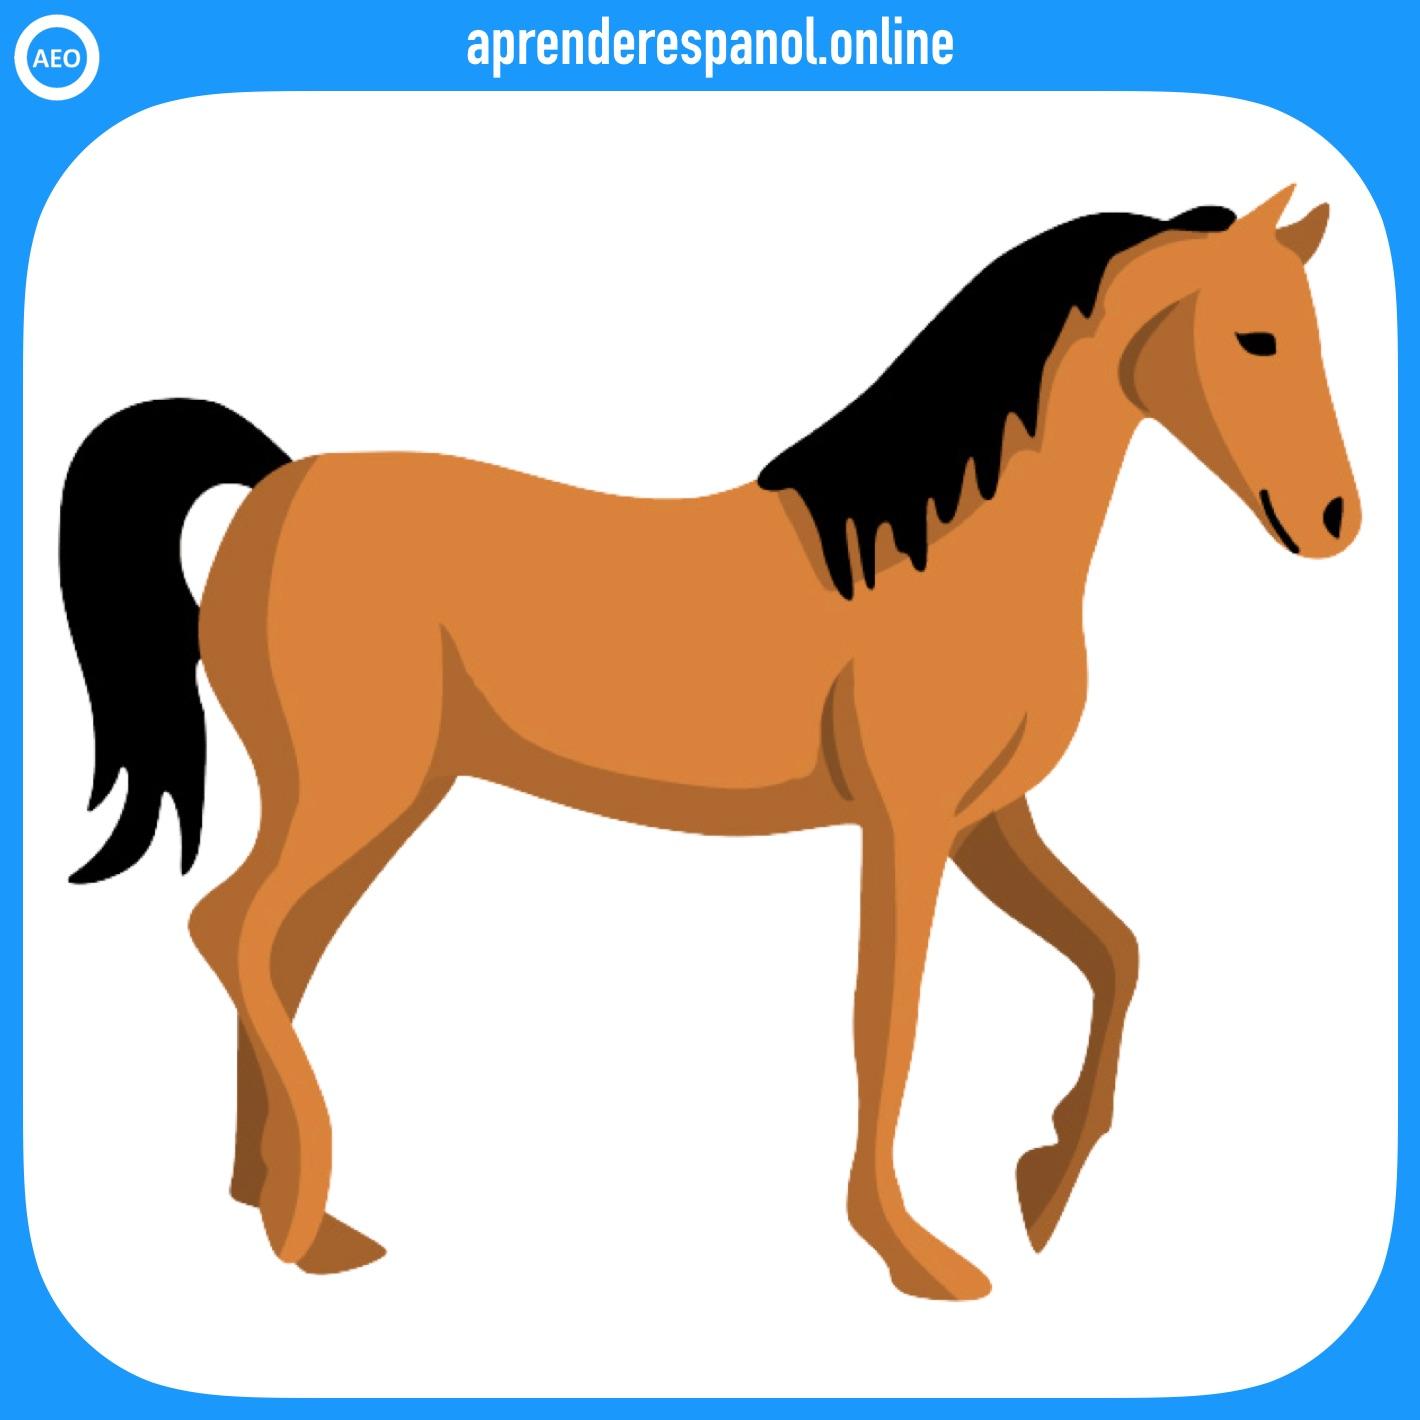 caballo | animales en español | vocabulario de los animales en español